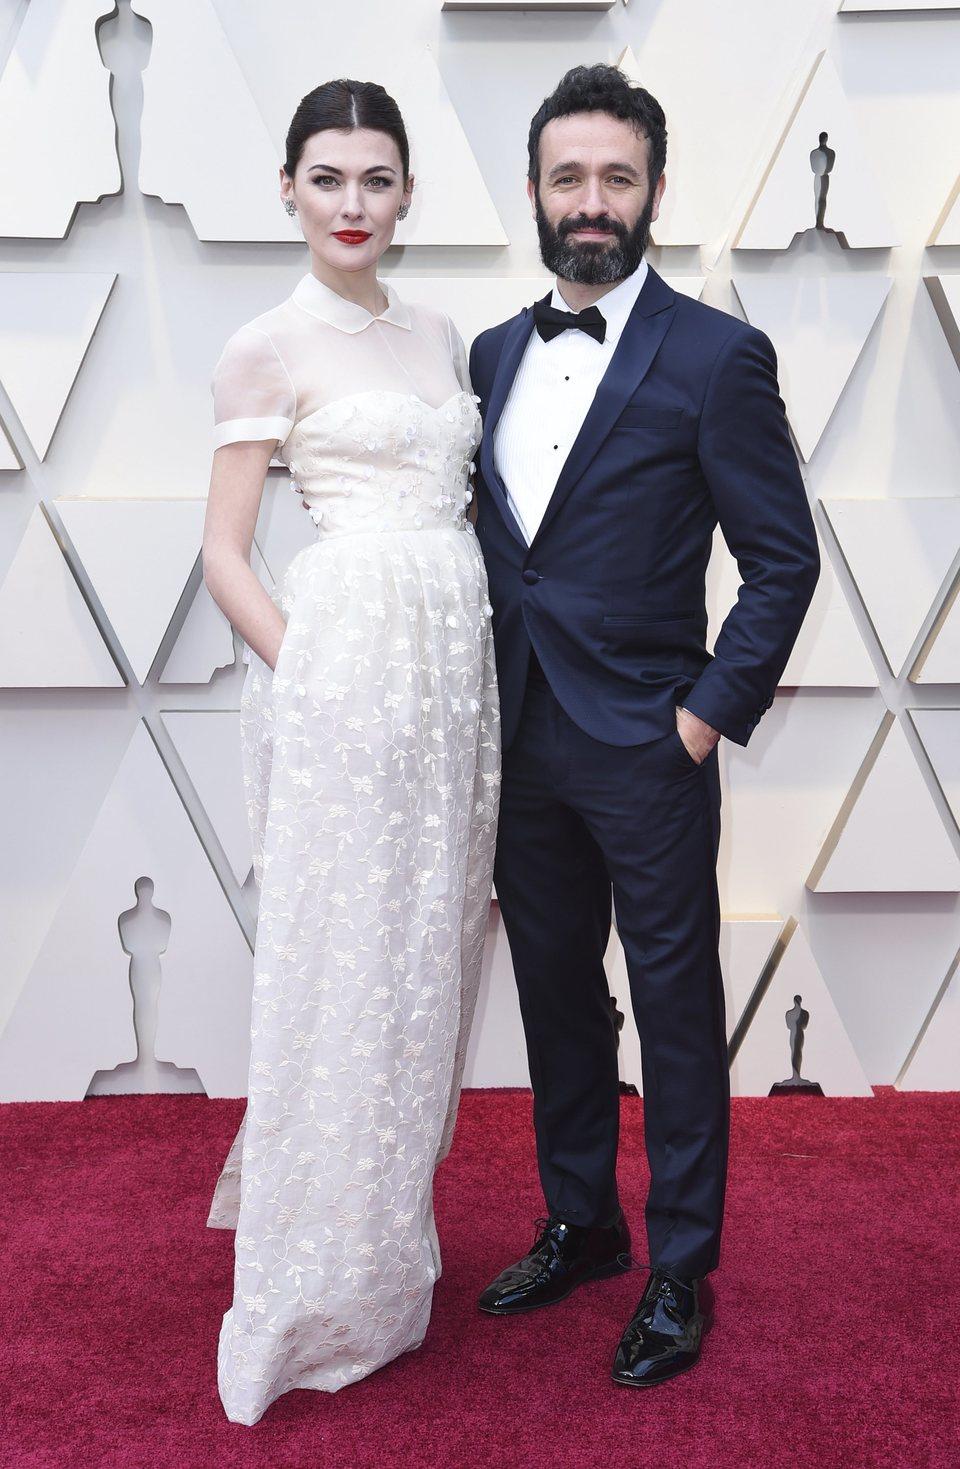 Marta Nieto and Rodrigo Sorogoyen at the Oscars 2019 red carpet